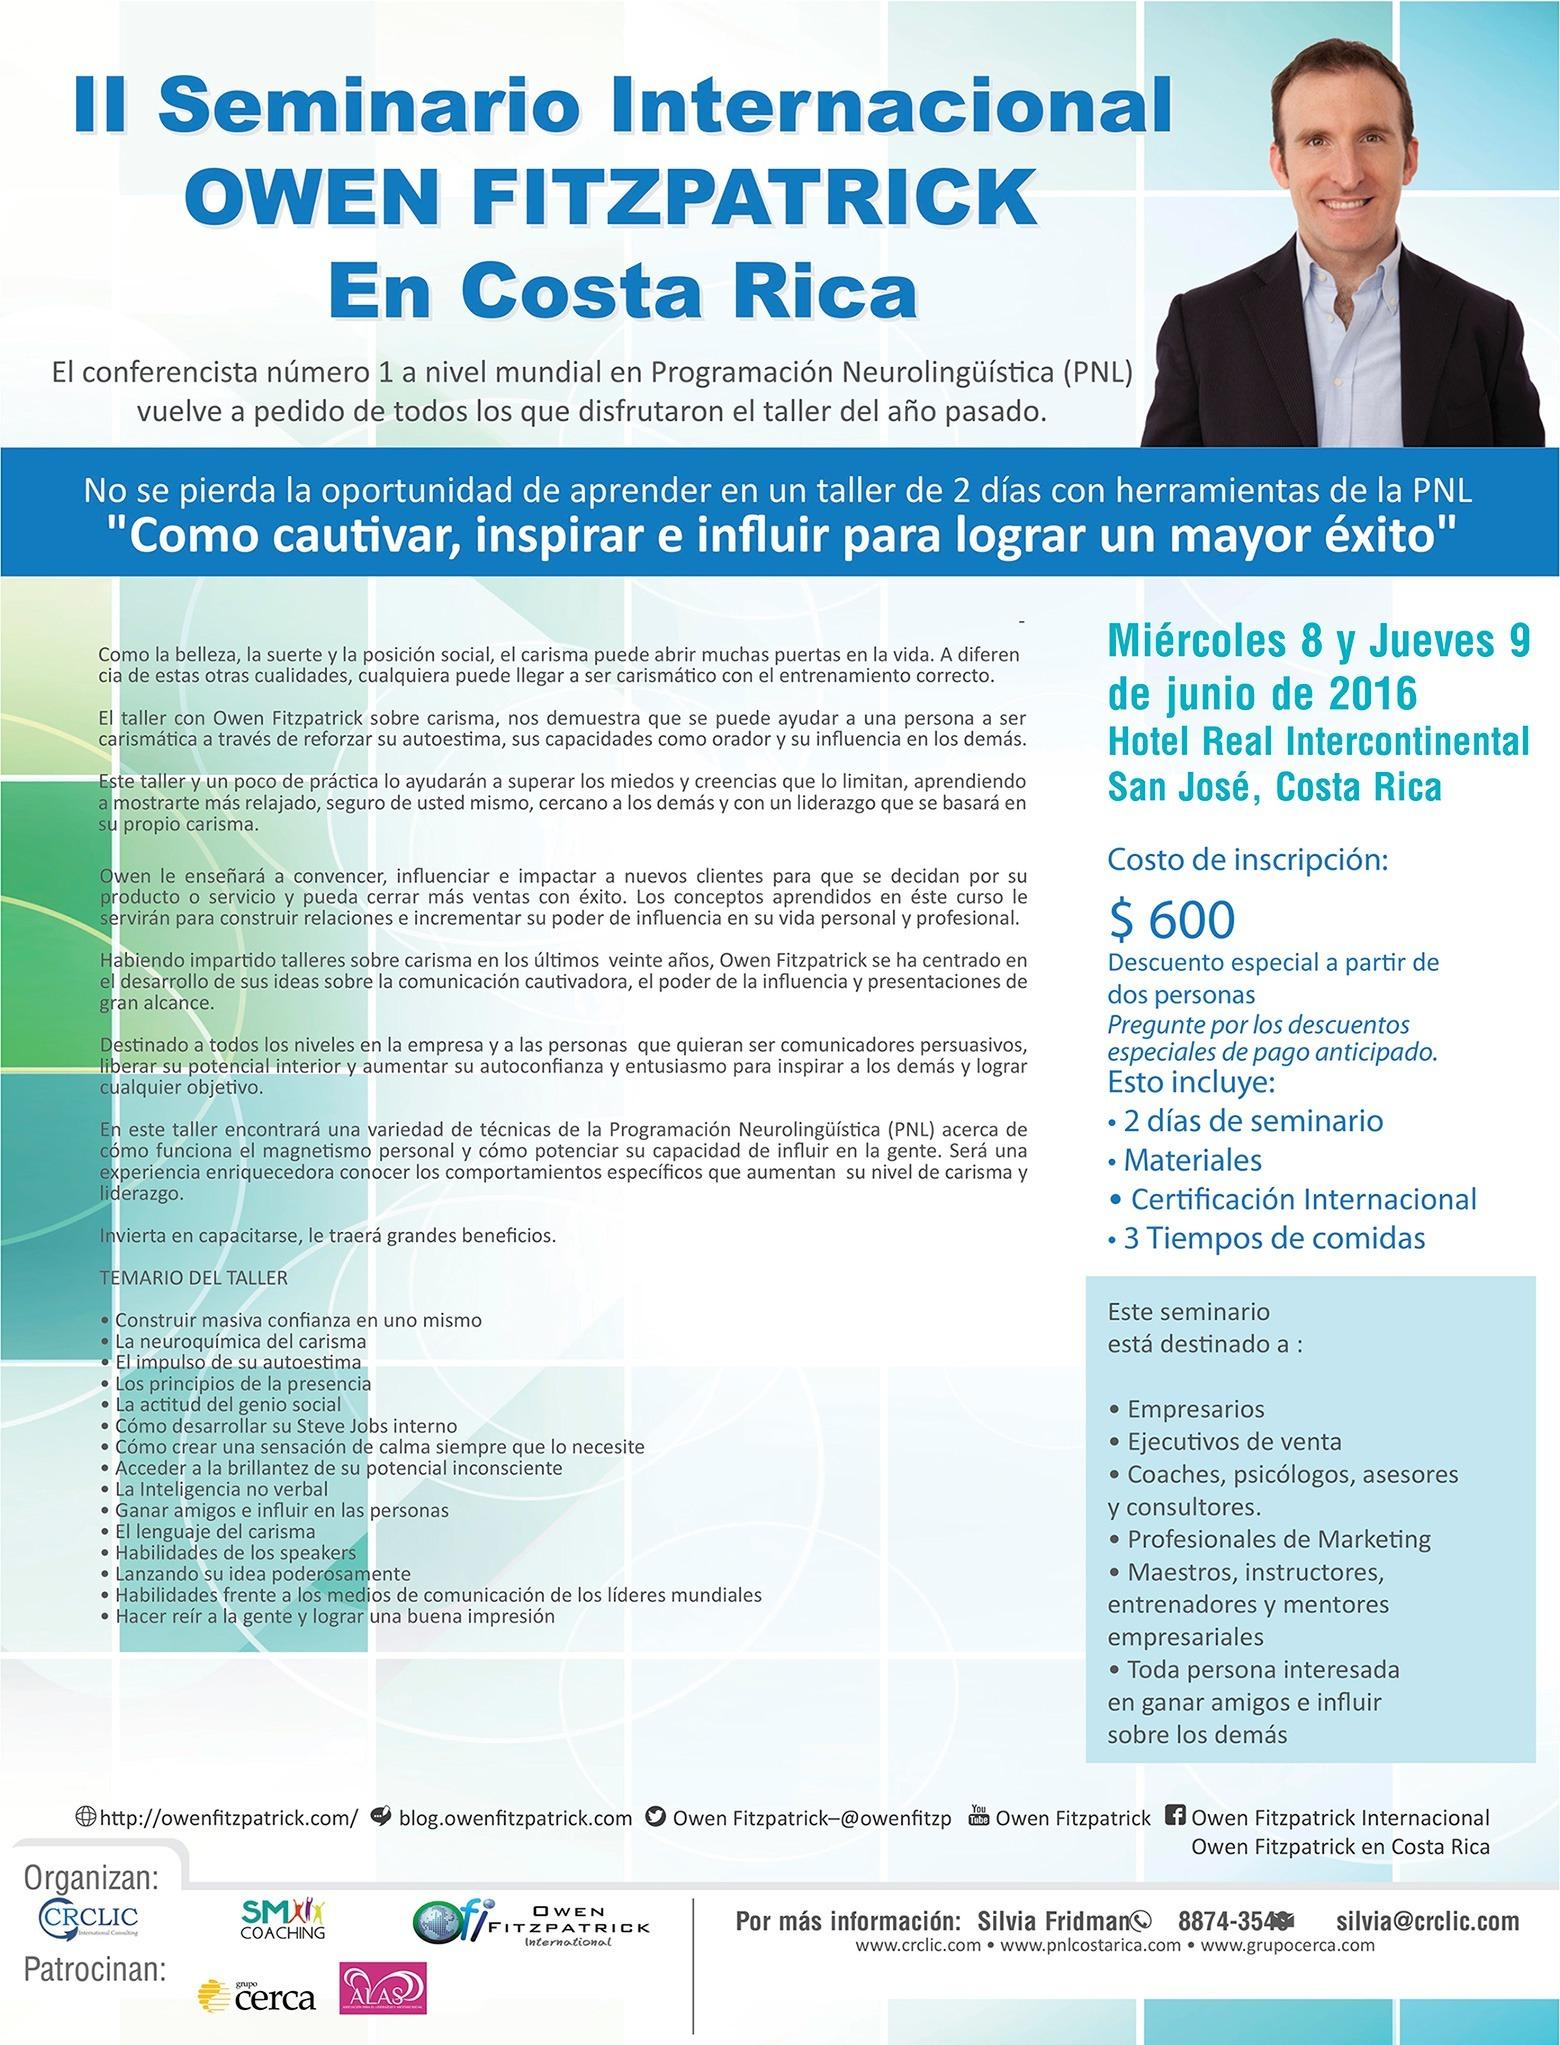 II-Seminario-Internacional---Owen-Fitzpatrick-en-Costa-Rica